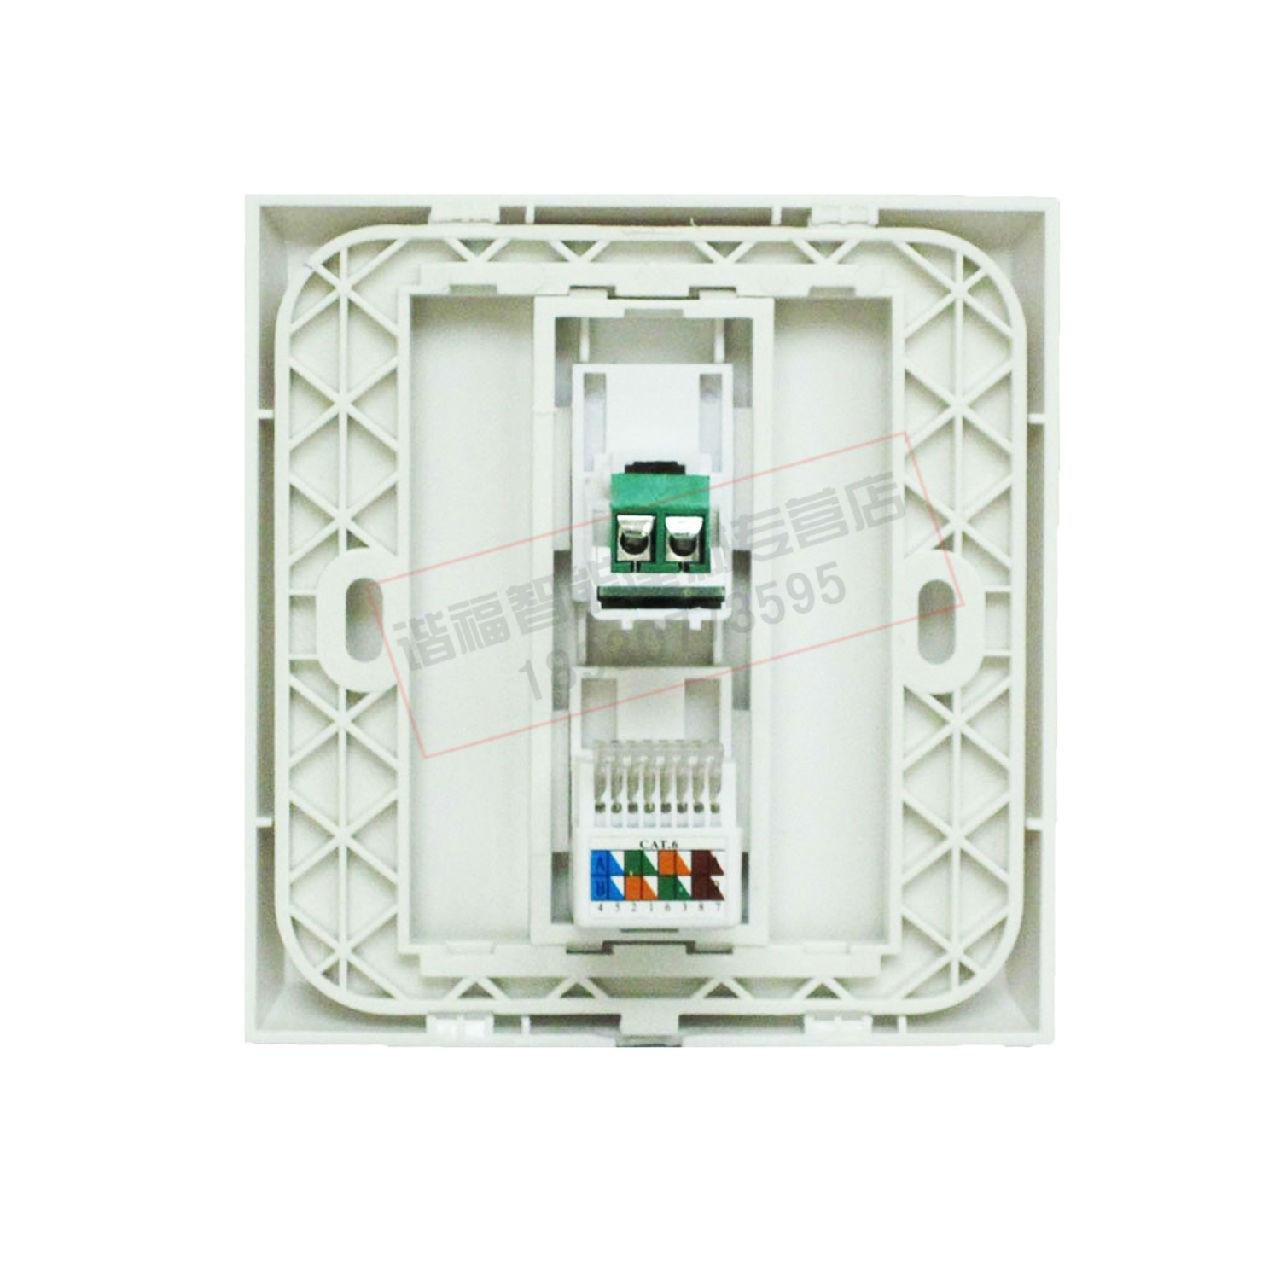 (电话+网络)弱电面板墙插座